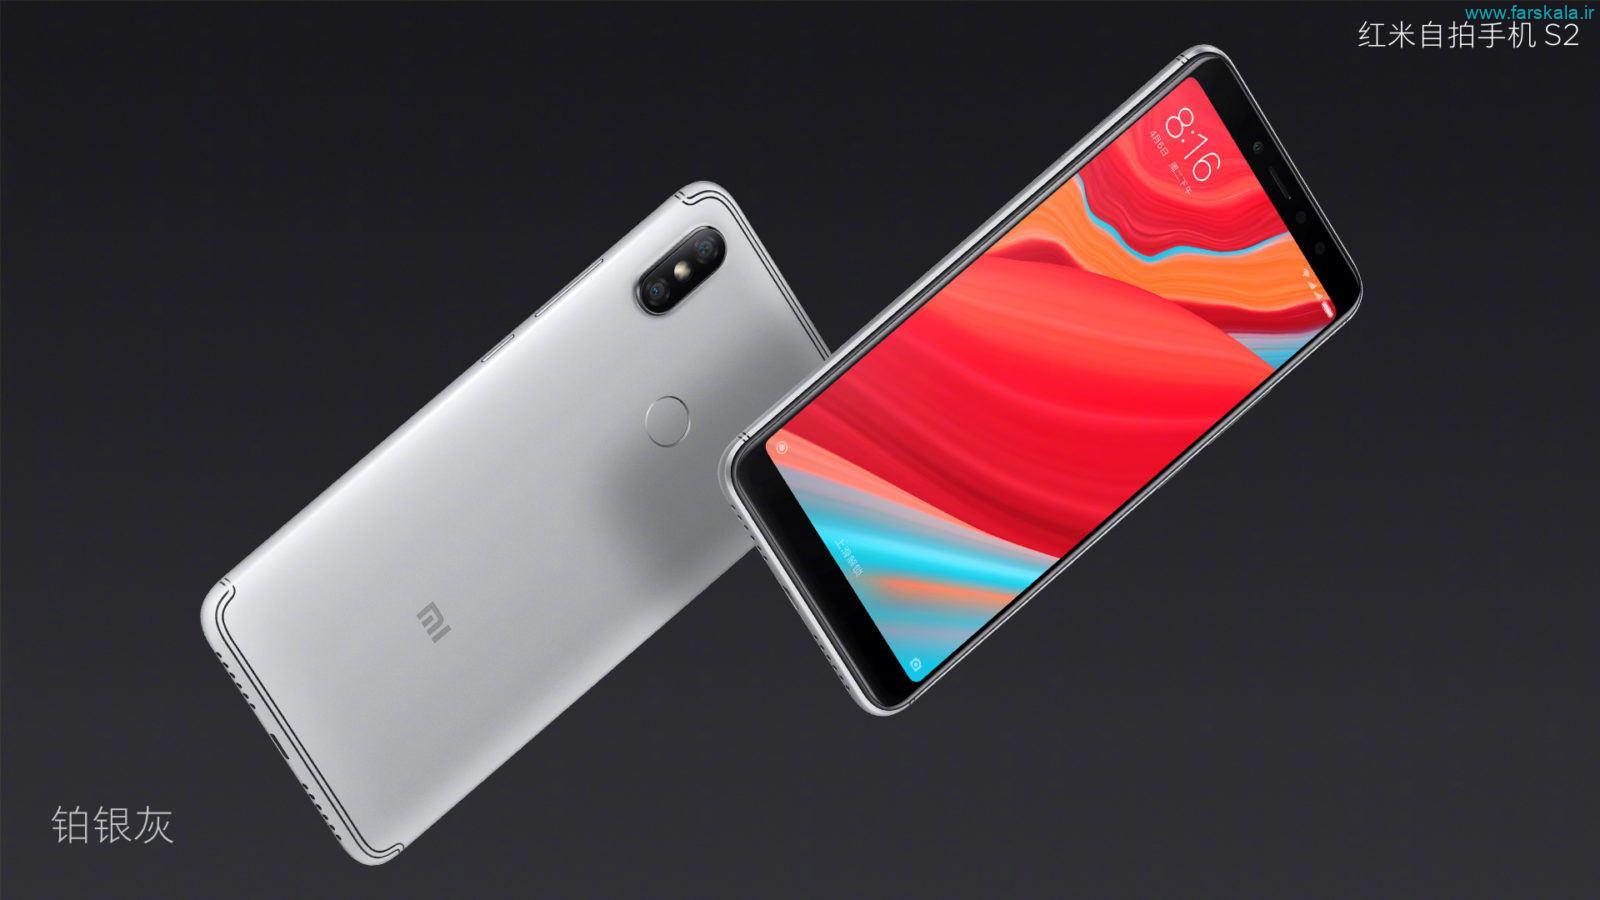 قیمت و مشخصات فنی گوشی Xiaomi Redmi S2